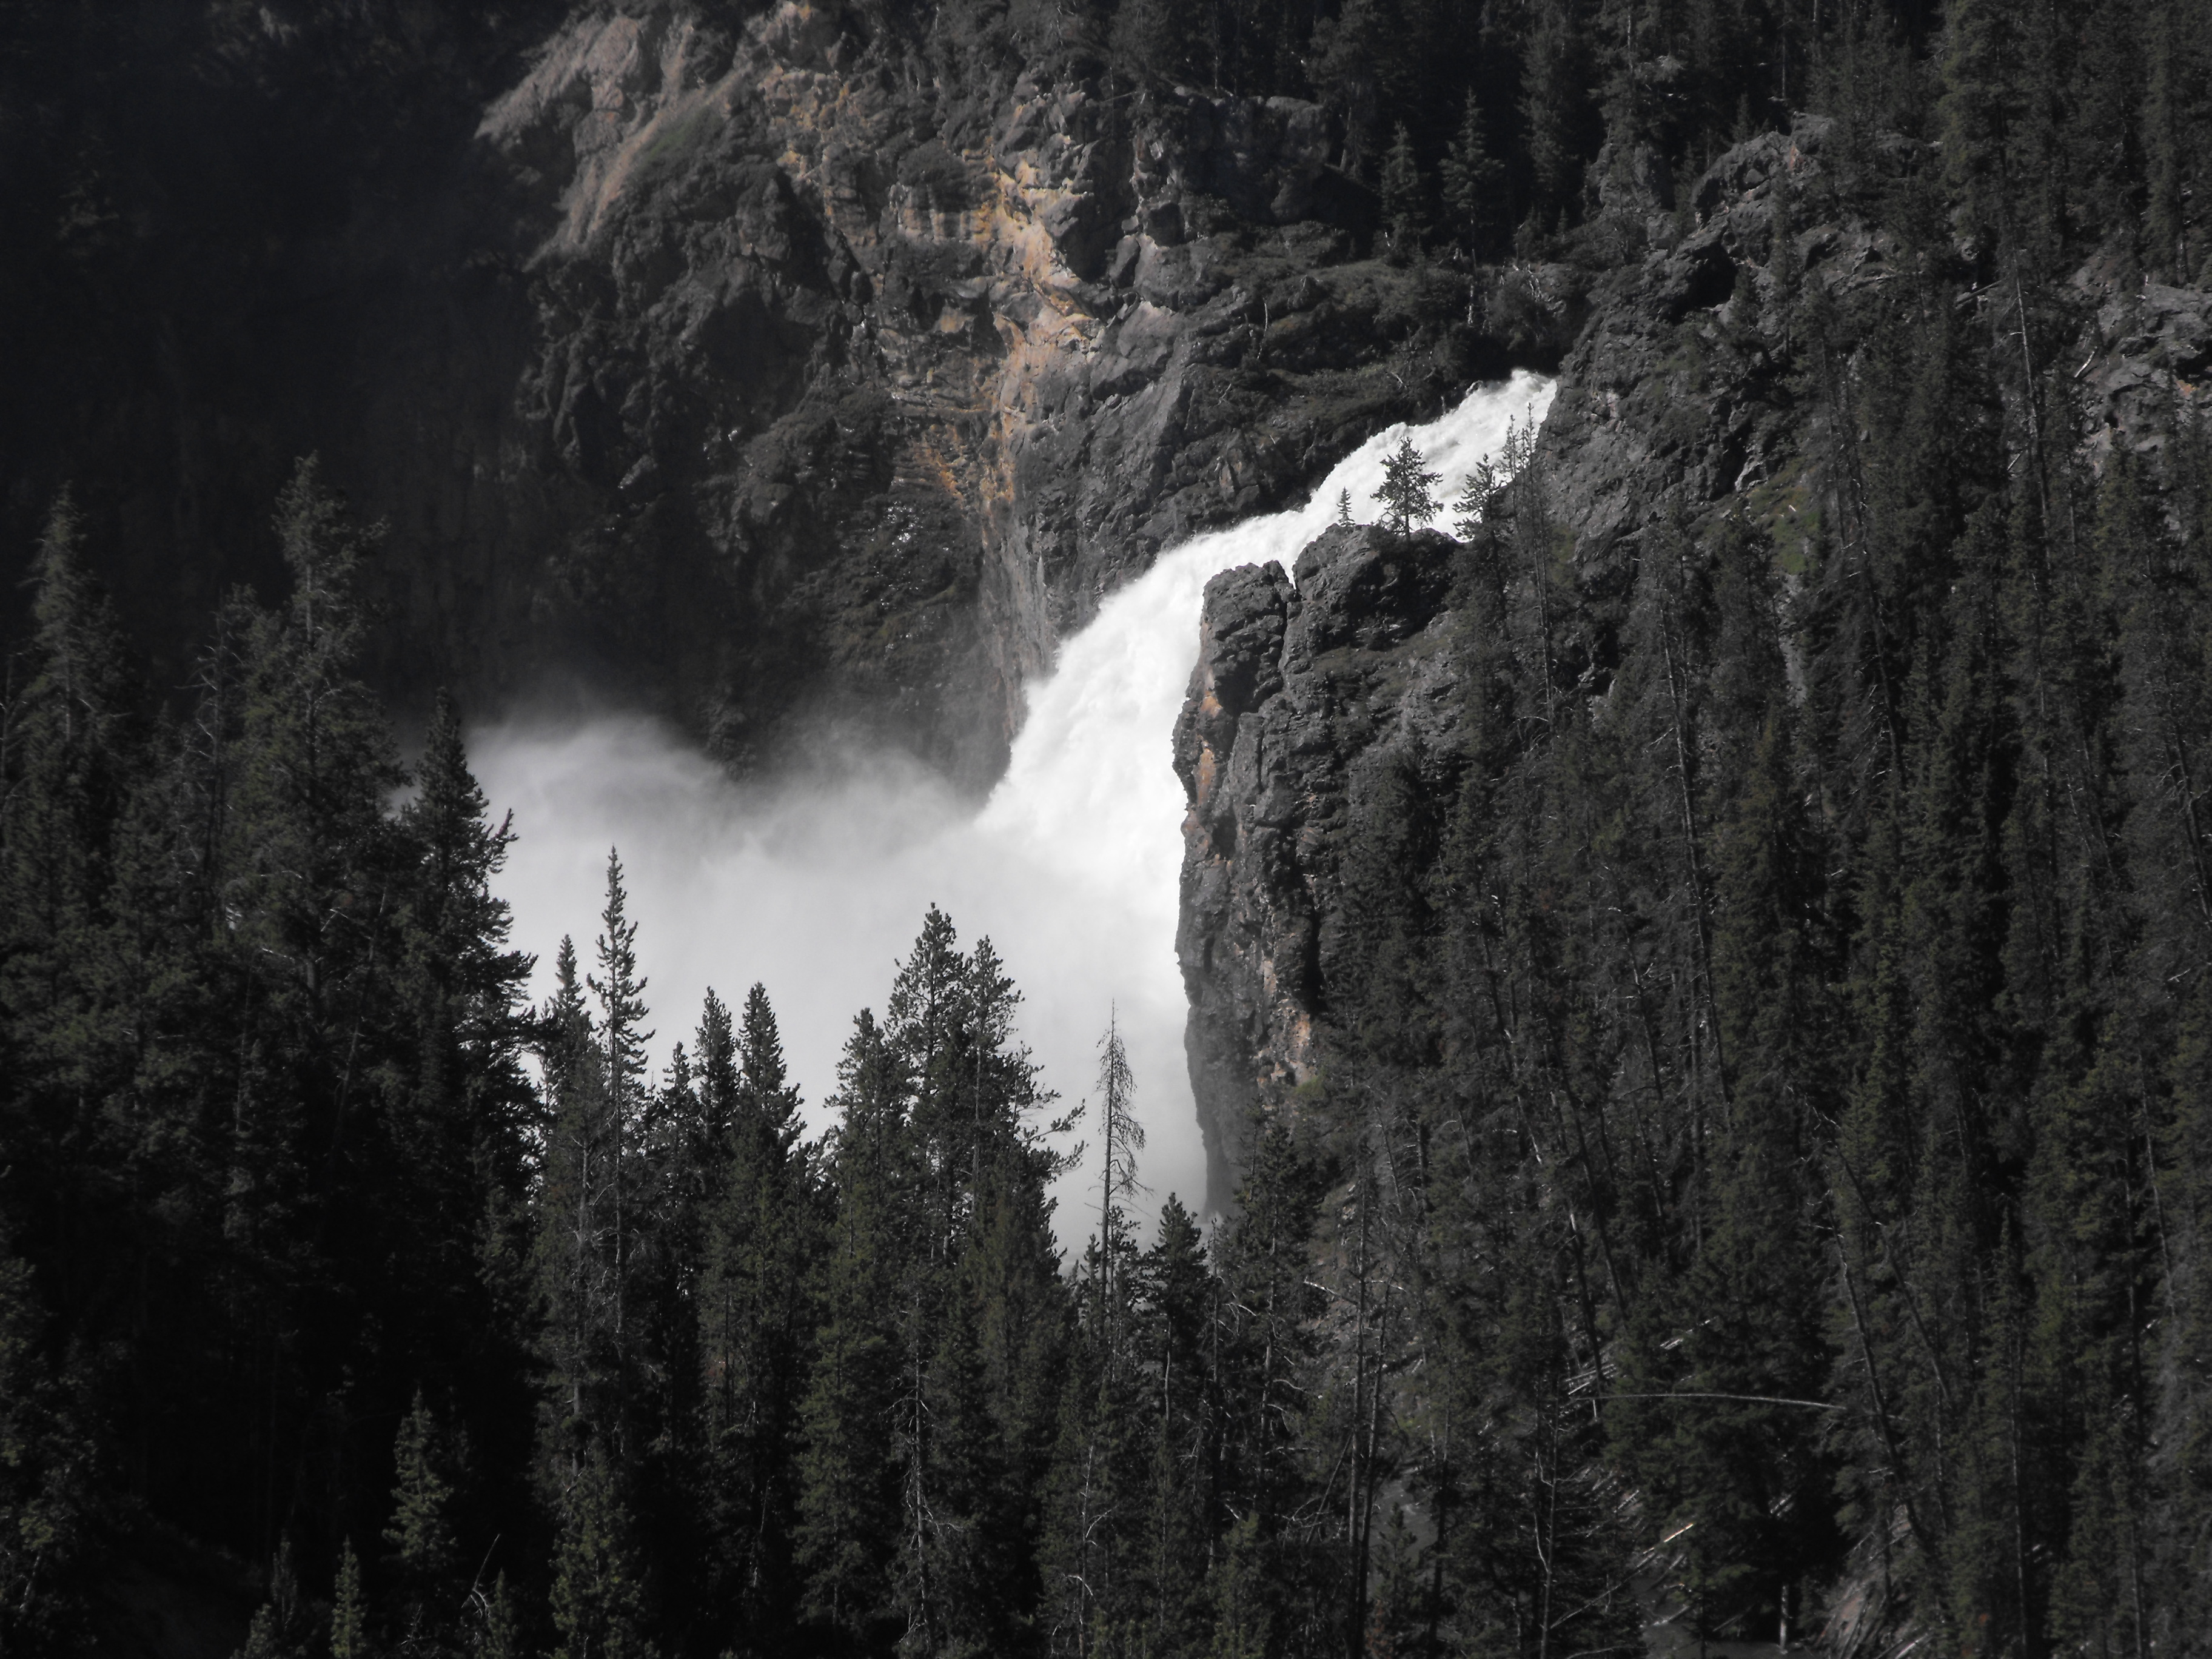 yellowstone, yellowstone national park, falls